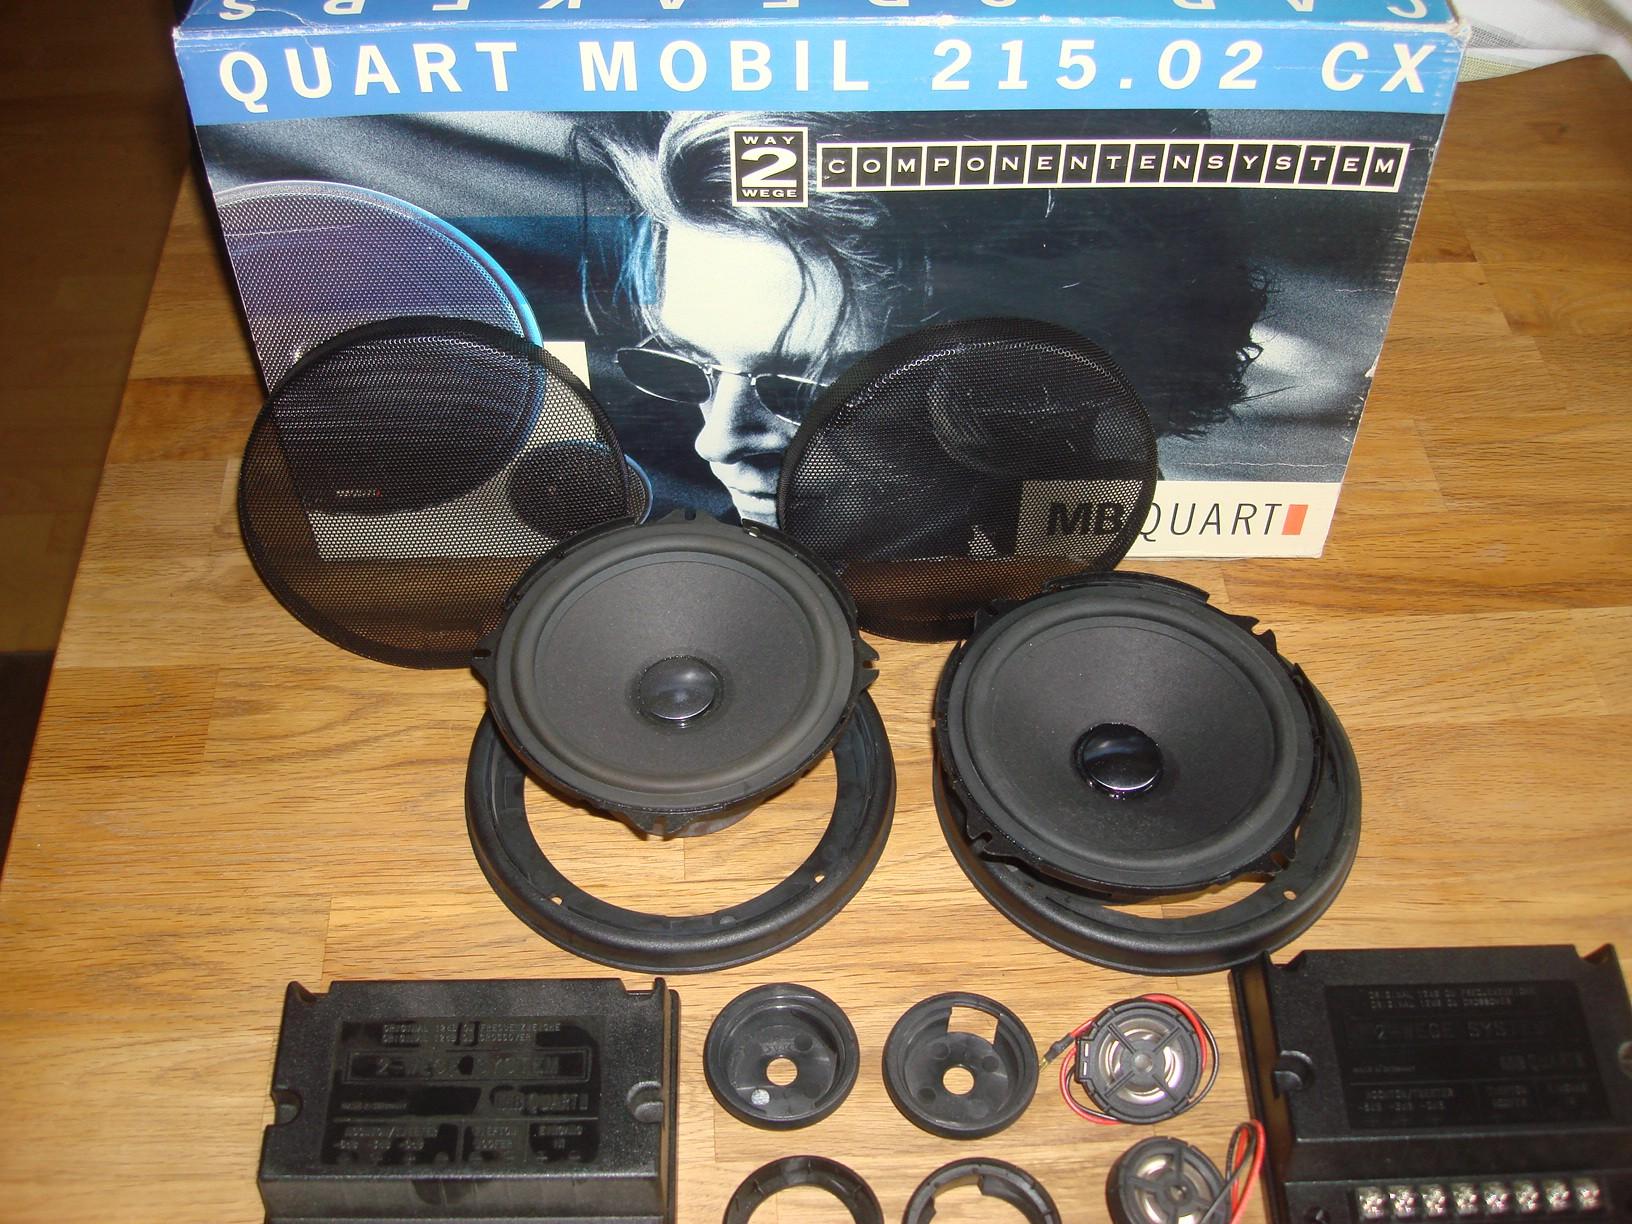 MB Quart QM 215 CX.02. 2-Wege High End System. Rarität für Youngtimer